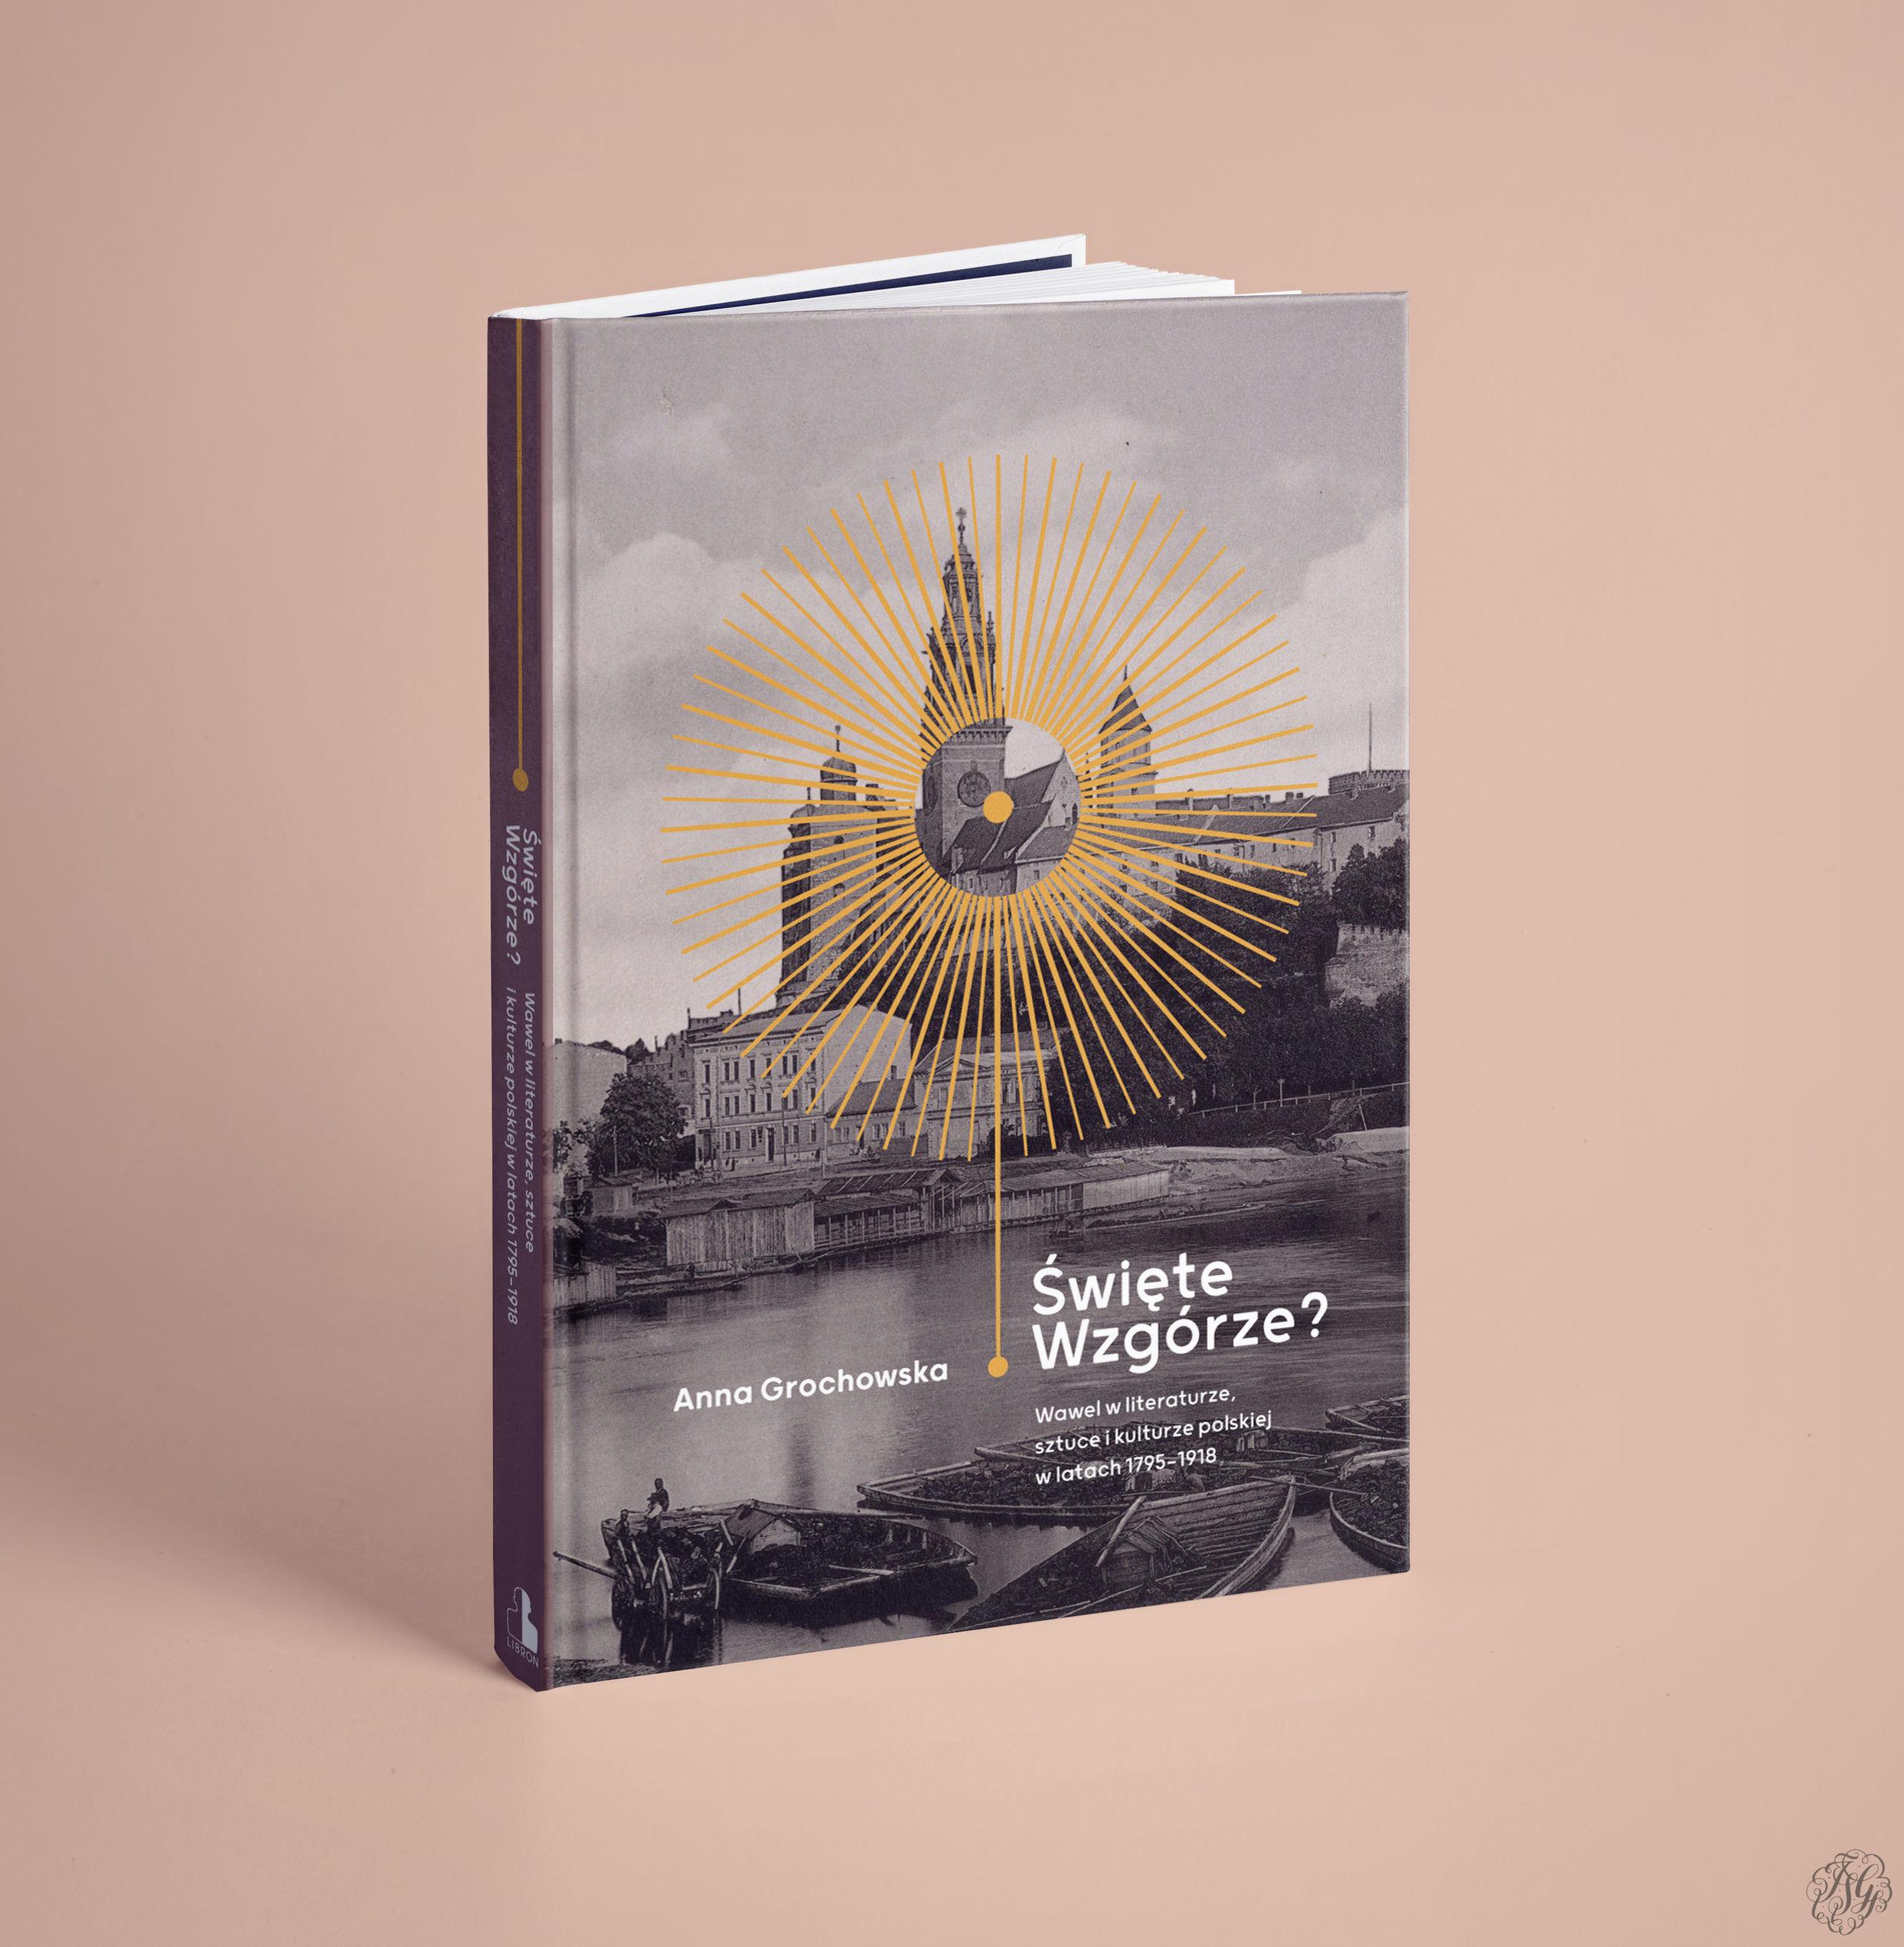 """""""Święte wzgórze? – Wawel w literaturze, sztuce i kulturze polskiej w latach 1795-1918"""""""